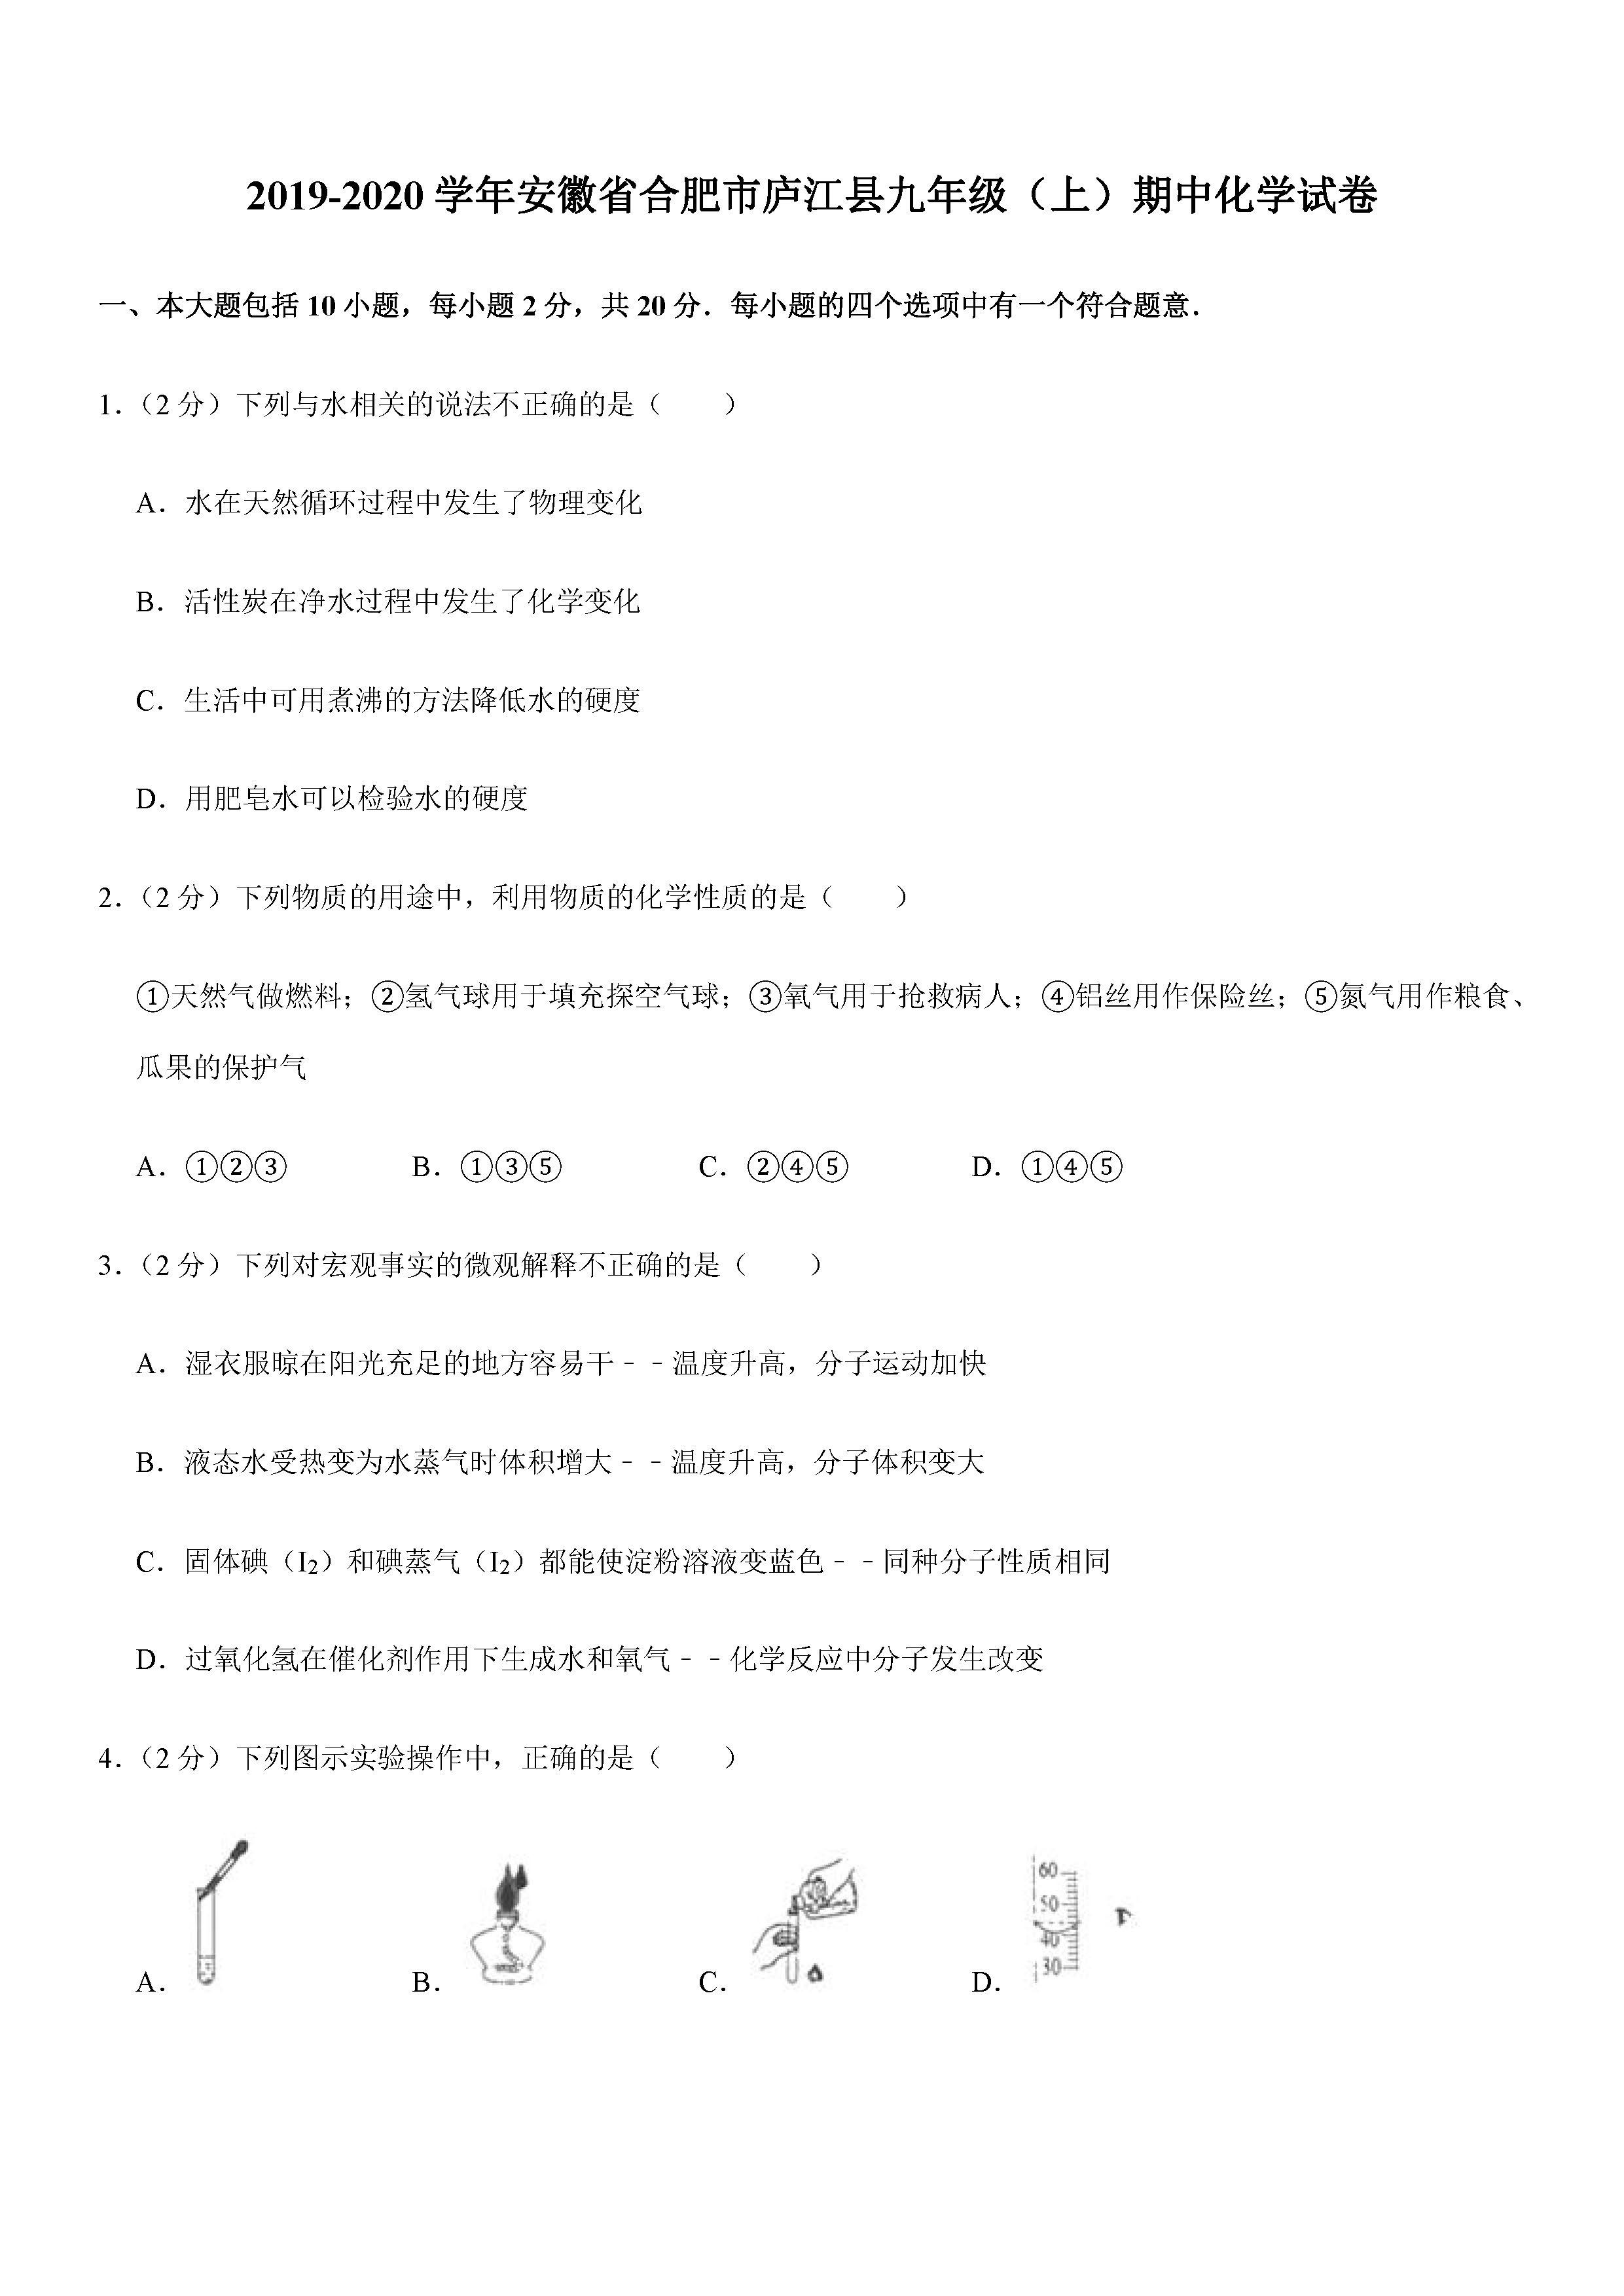 2019-2020安徽省合肥市初三期中化学模拟试题及答案(PDF下载版)